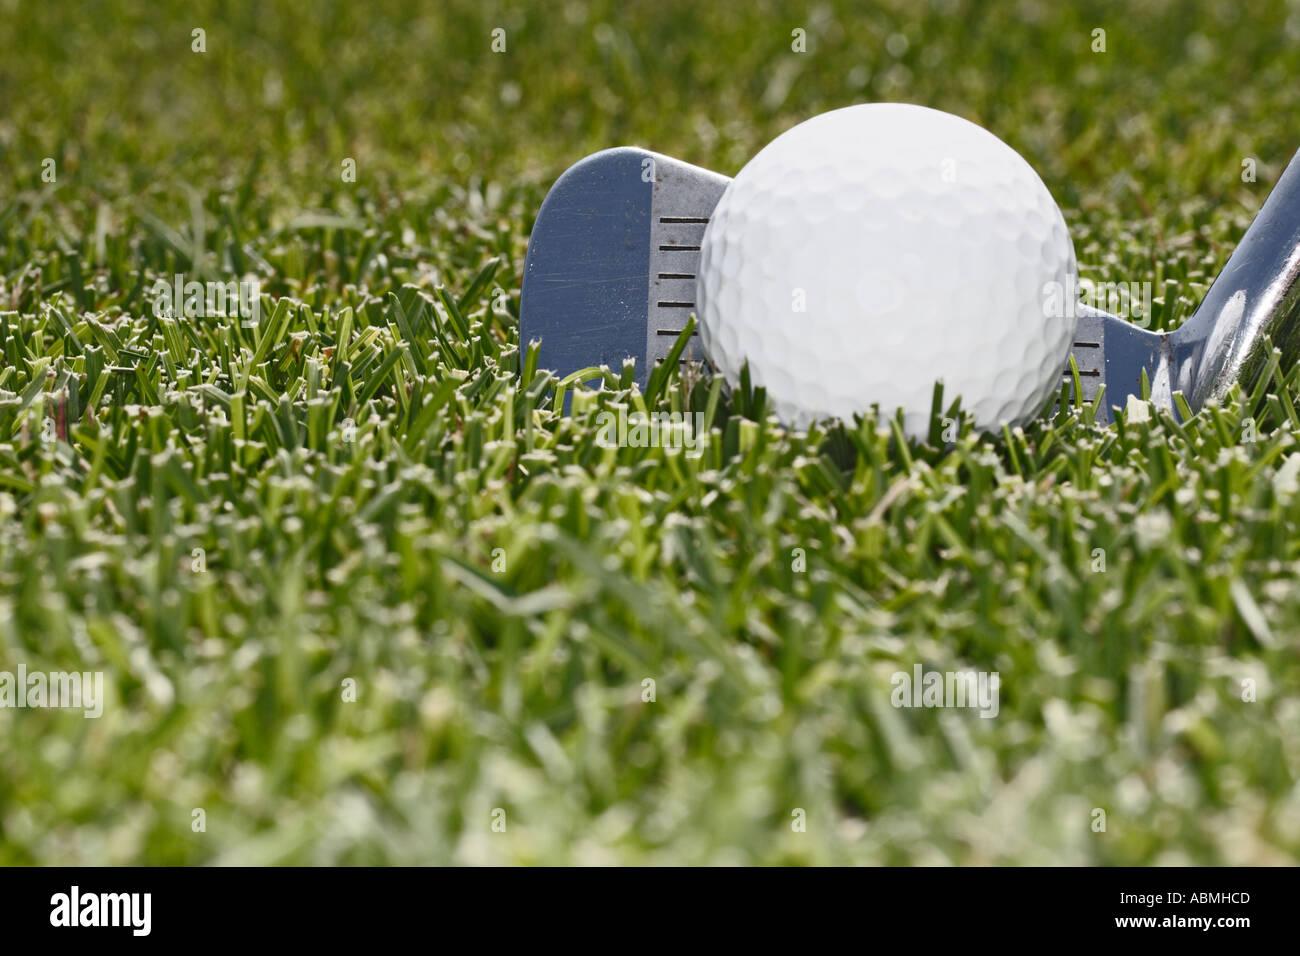 Nahaufnahme von Golfschläger mit Ball auf Fairway Stockbild